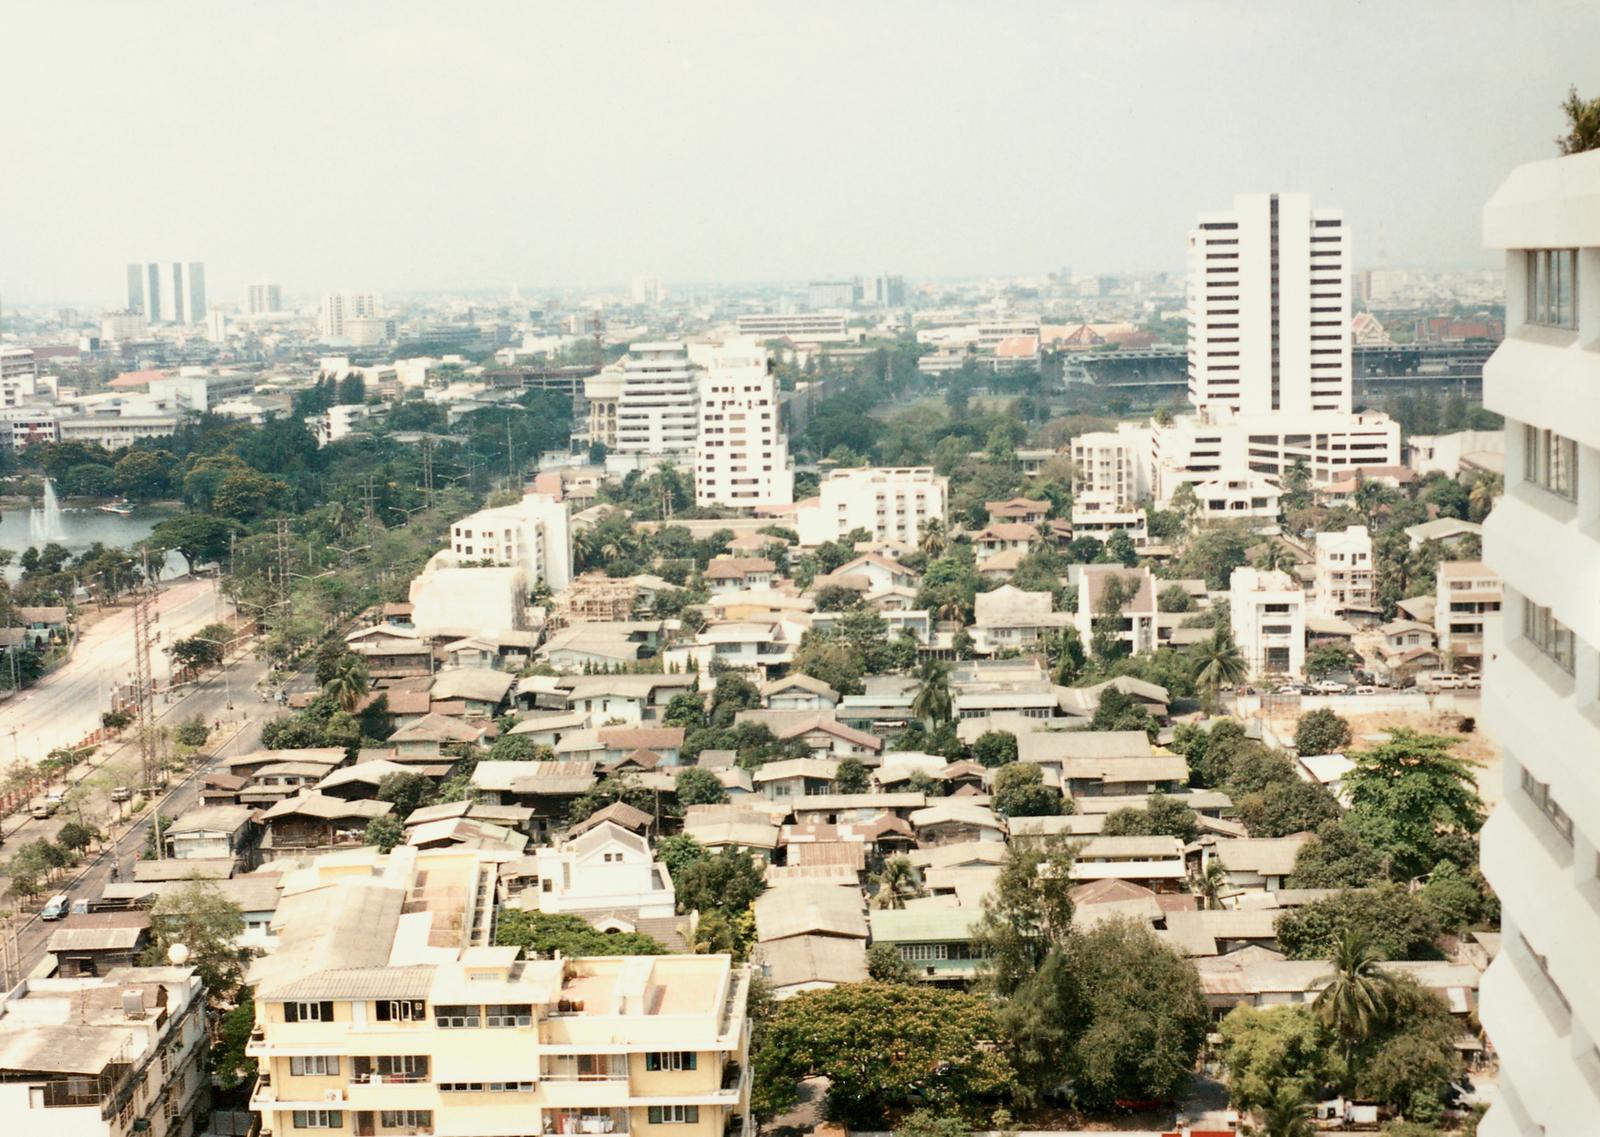 Bangkok - Compound Site - 1990